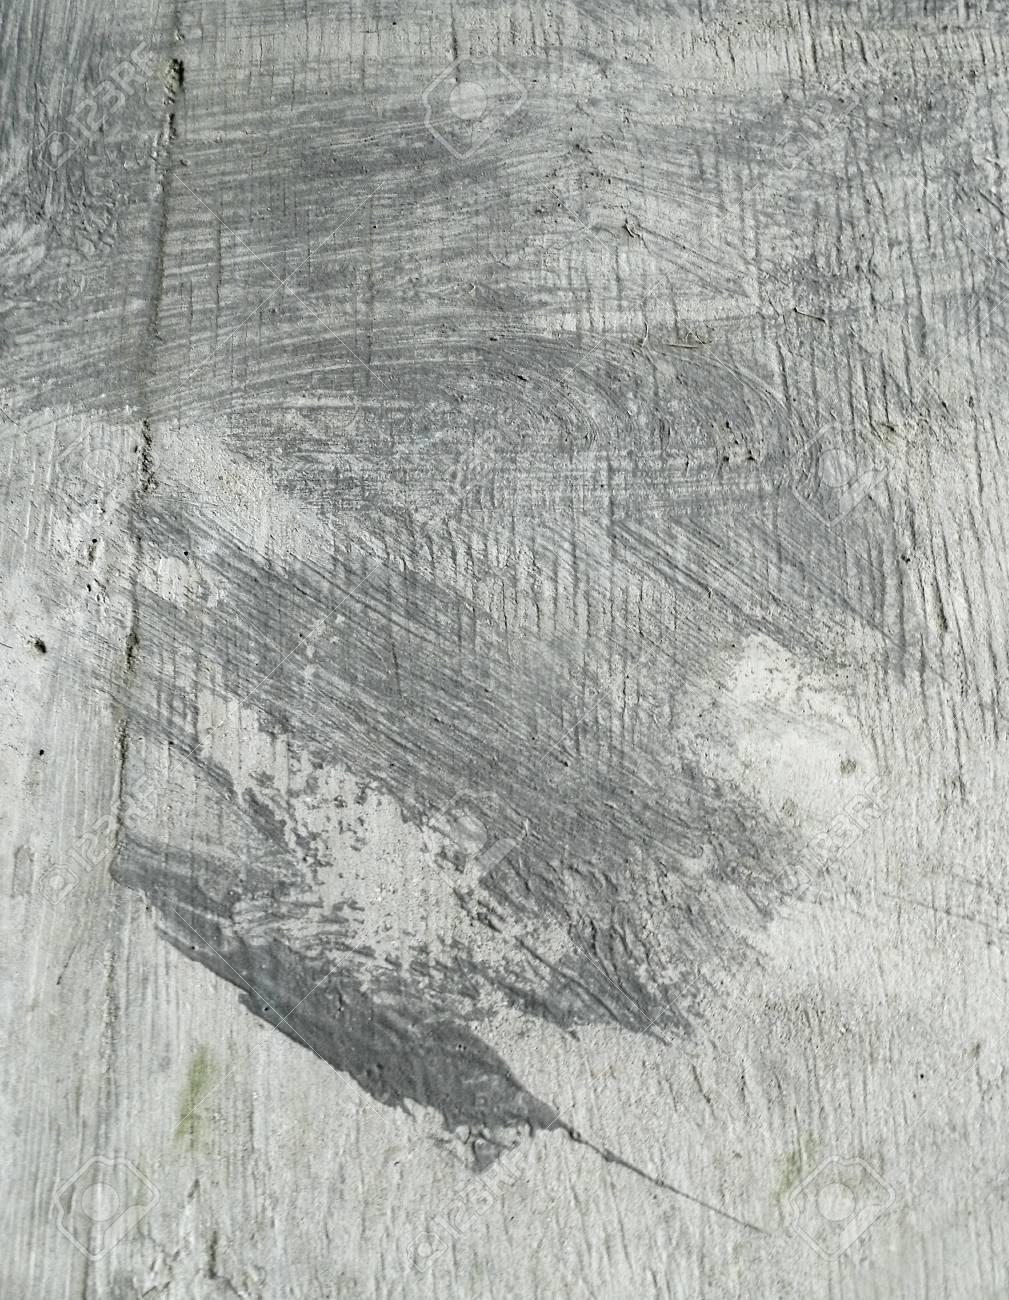 Rough Paint Marks On Concrete Surface Texture Painted Concrete